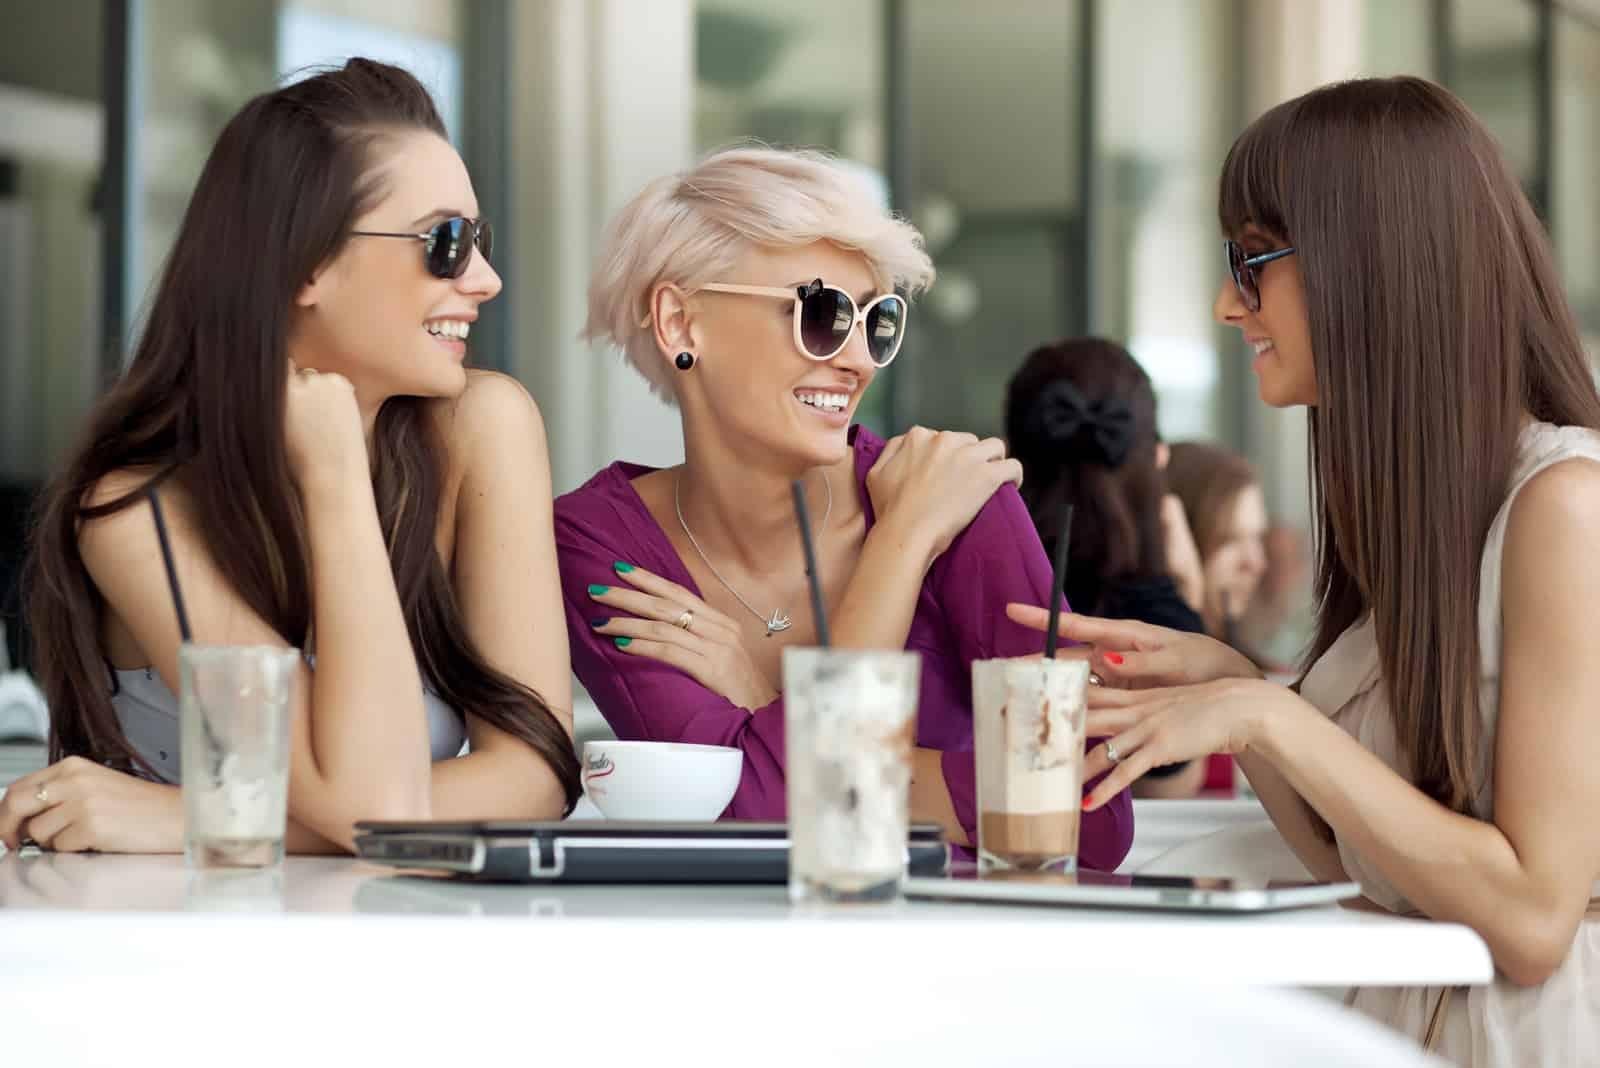 les amis s'assoient à l'extérieur et parlent